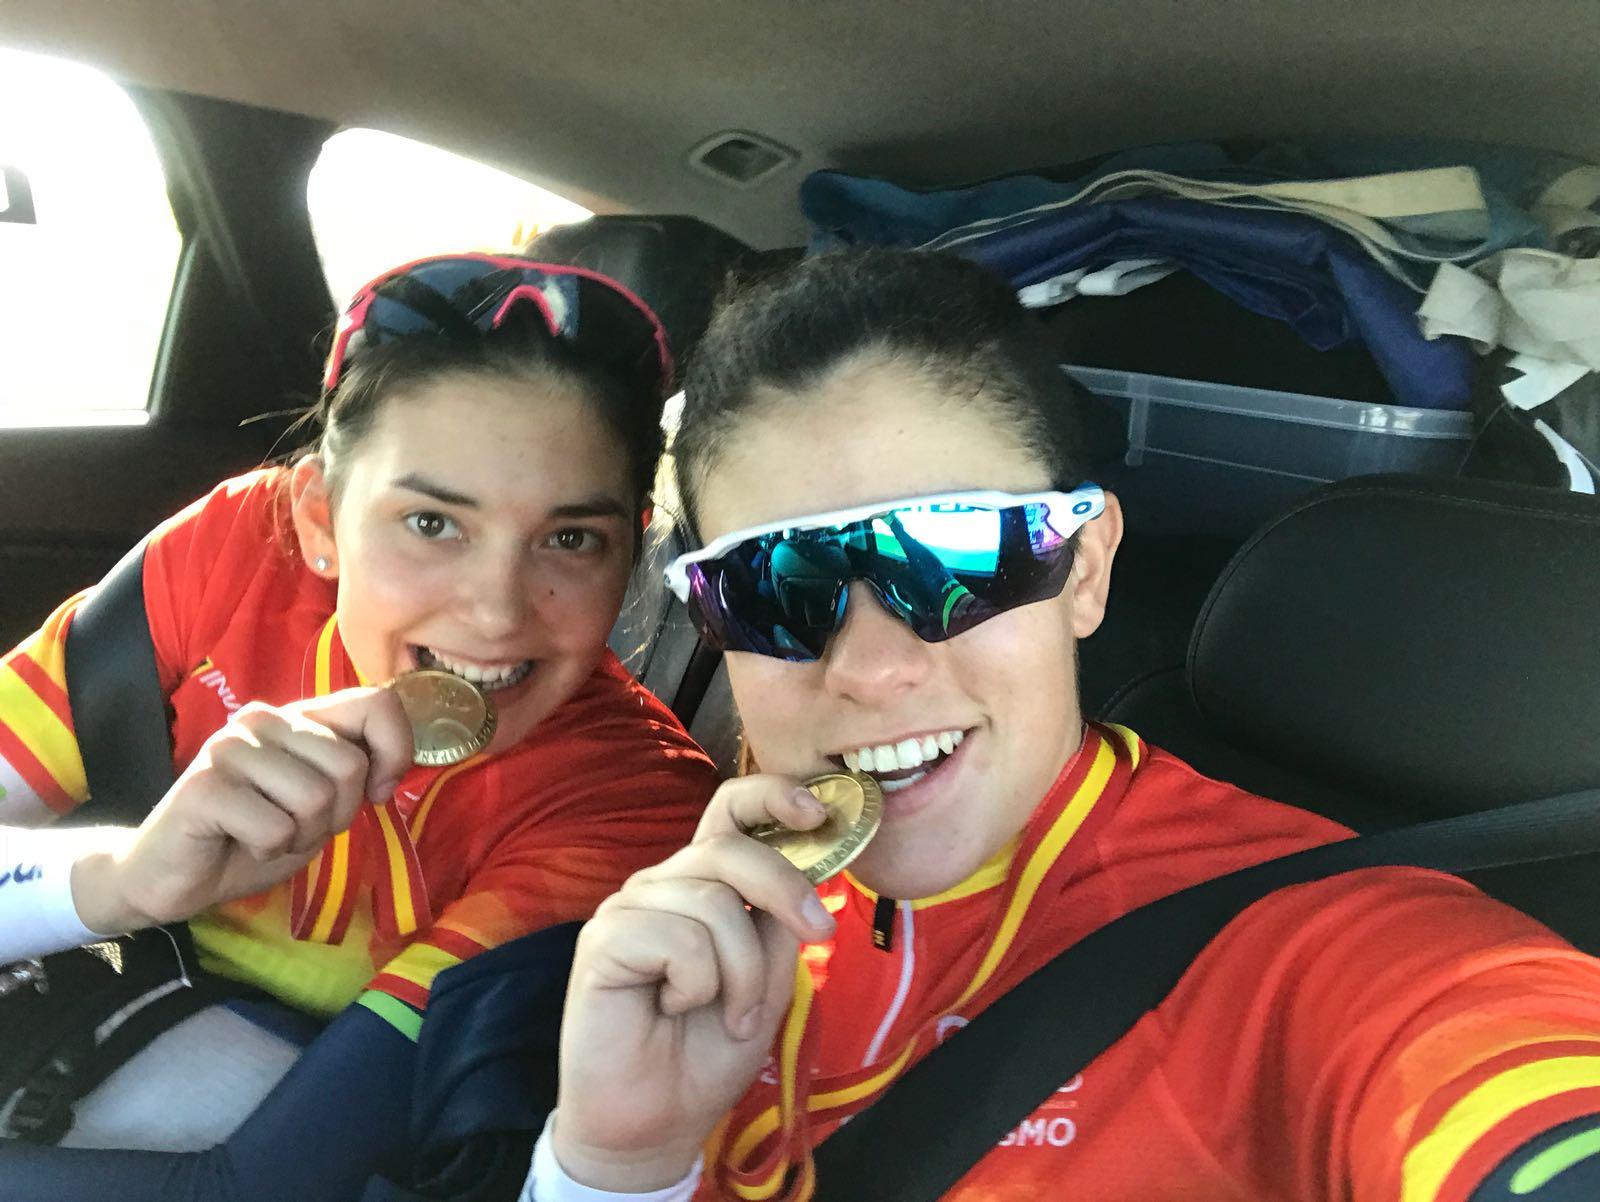 Dues medalles d'or per a l'estudiant de CAFE Esther Villaret en els campionats d'Espanya de ciclisme adaptat celebrats a Villadiego (Burgos)